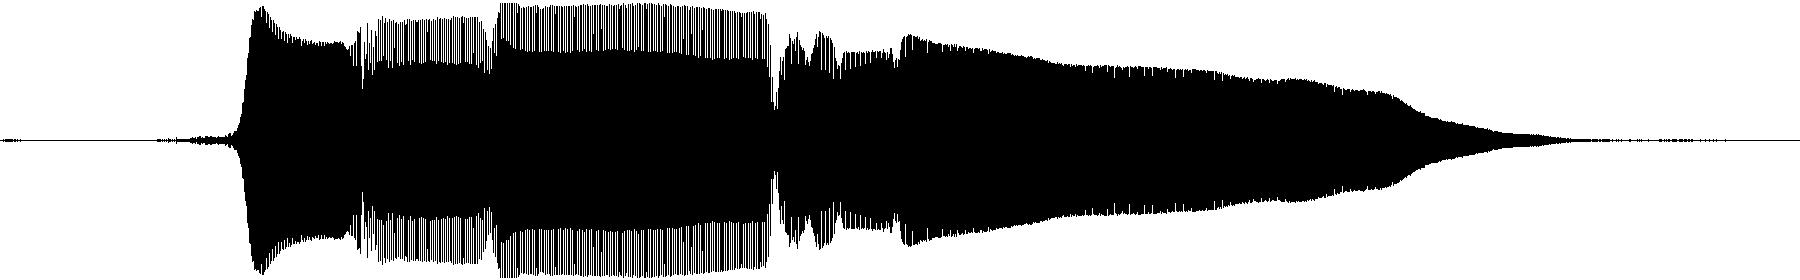 saxsoloc 1